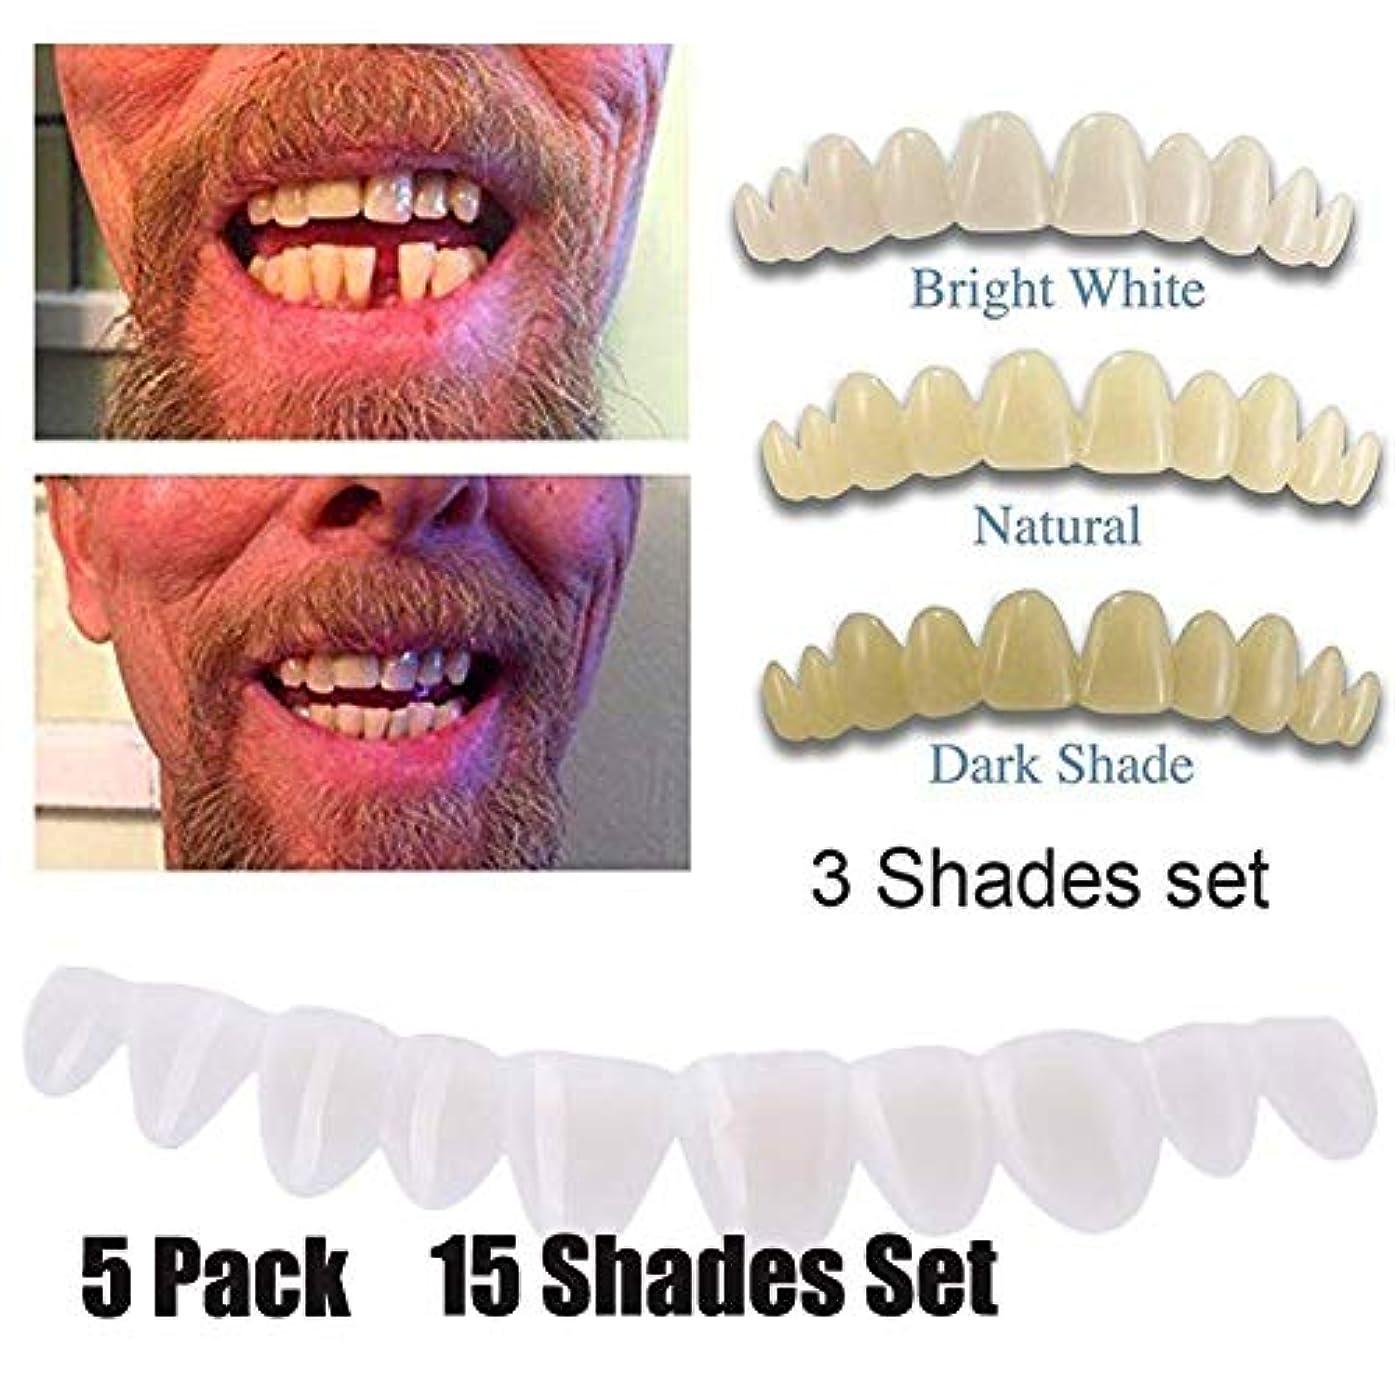 けがをする必需品等々5パックインスタントスマイルテンポラリートゥースキット3色付き欠けているか壊れている歯の修正が数分以内にあなたの笑顔を直します